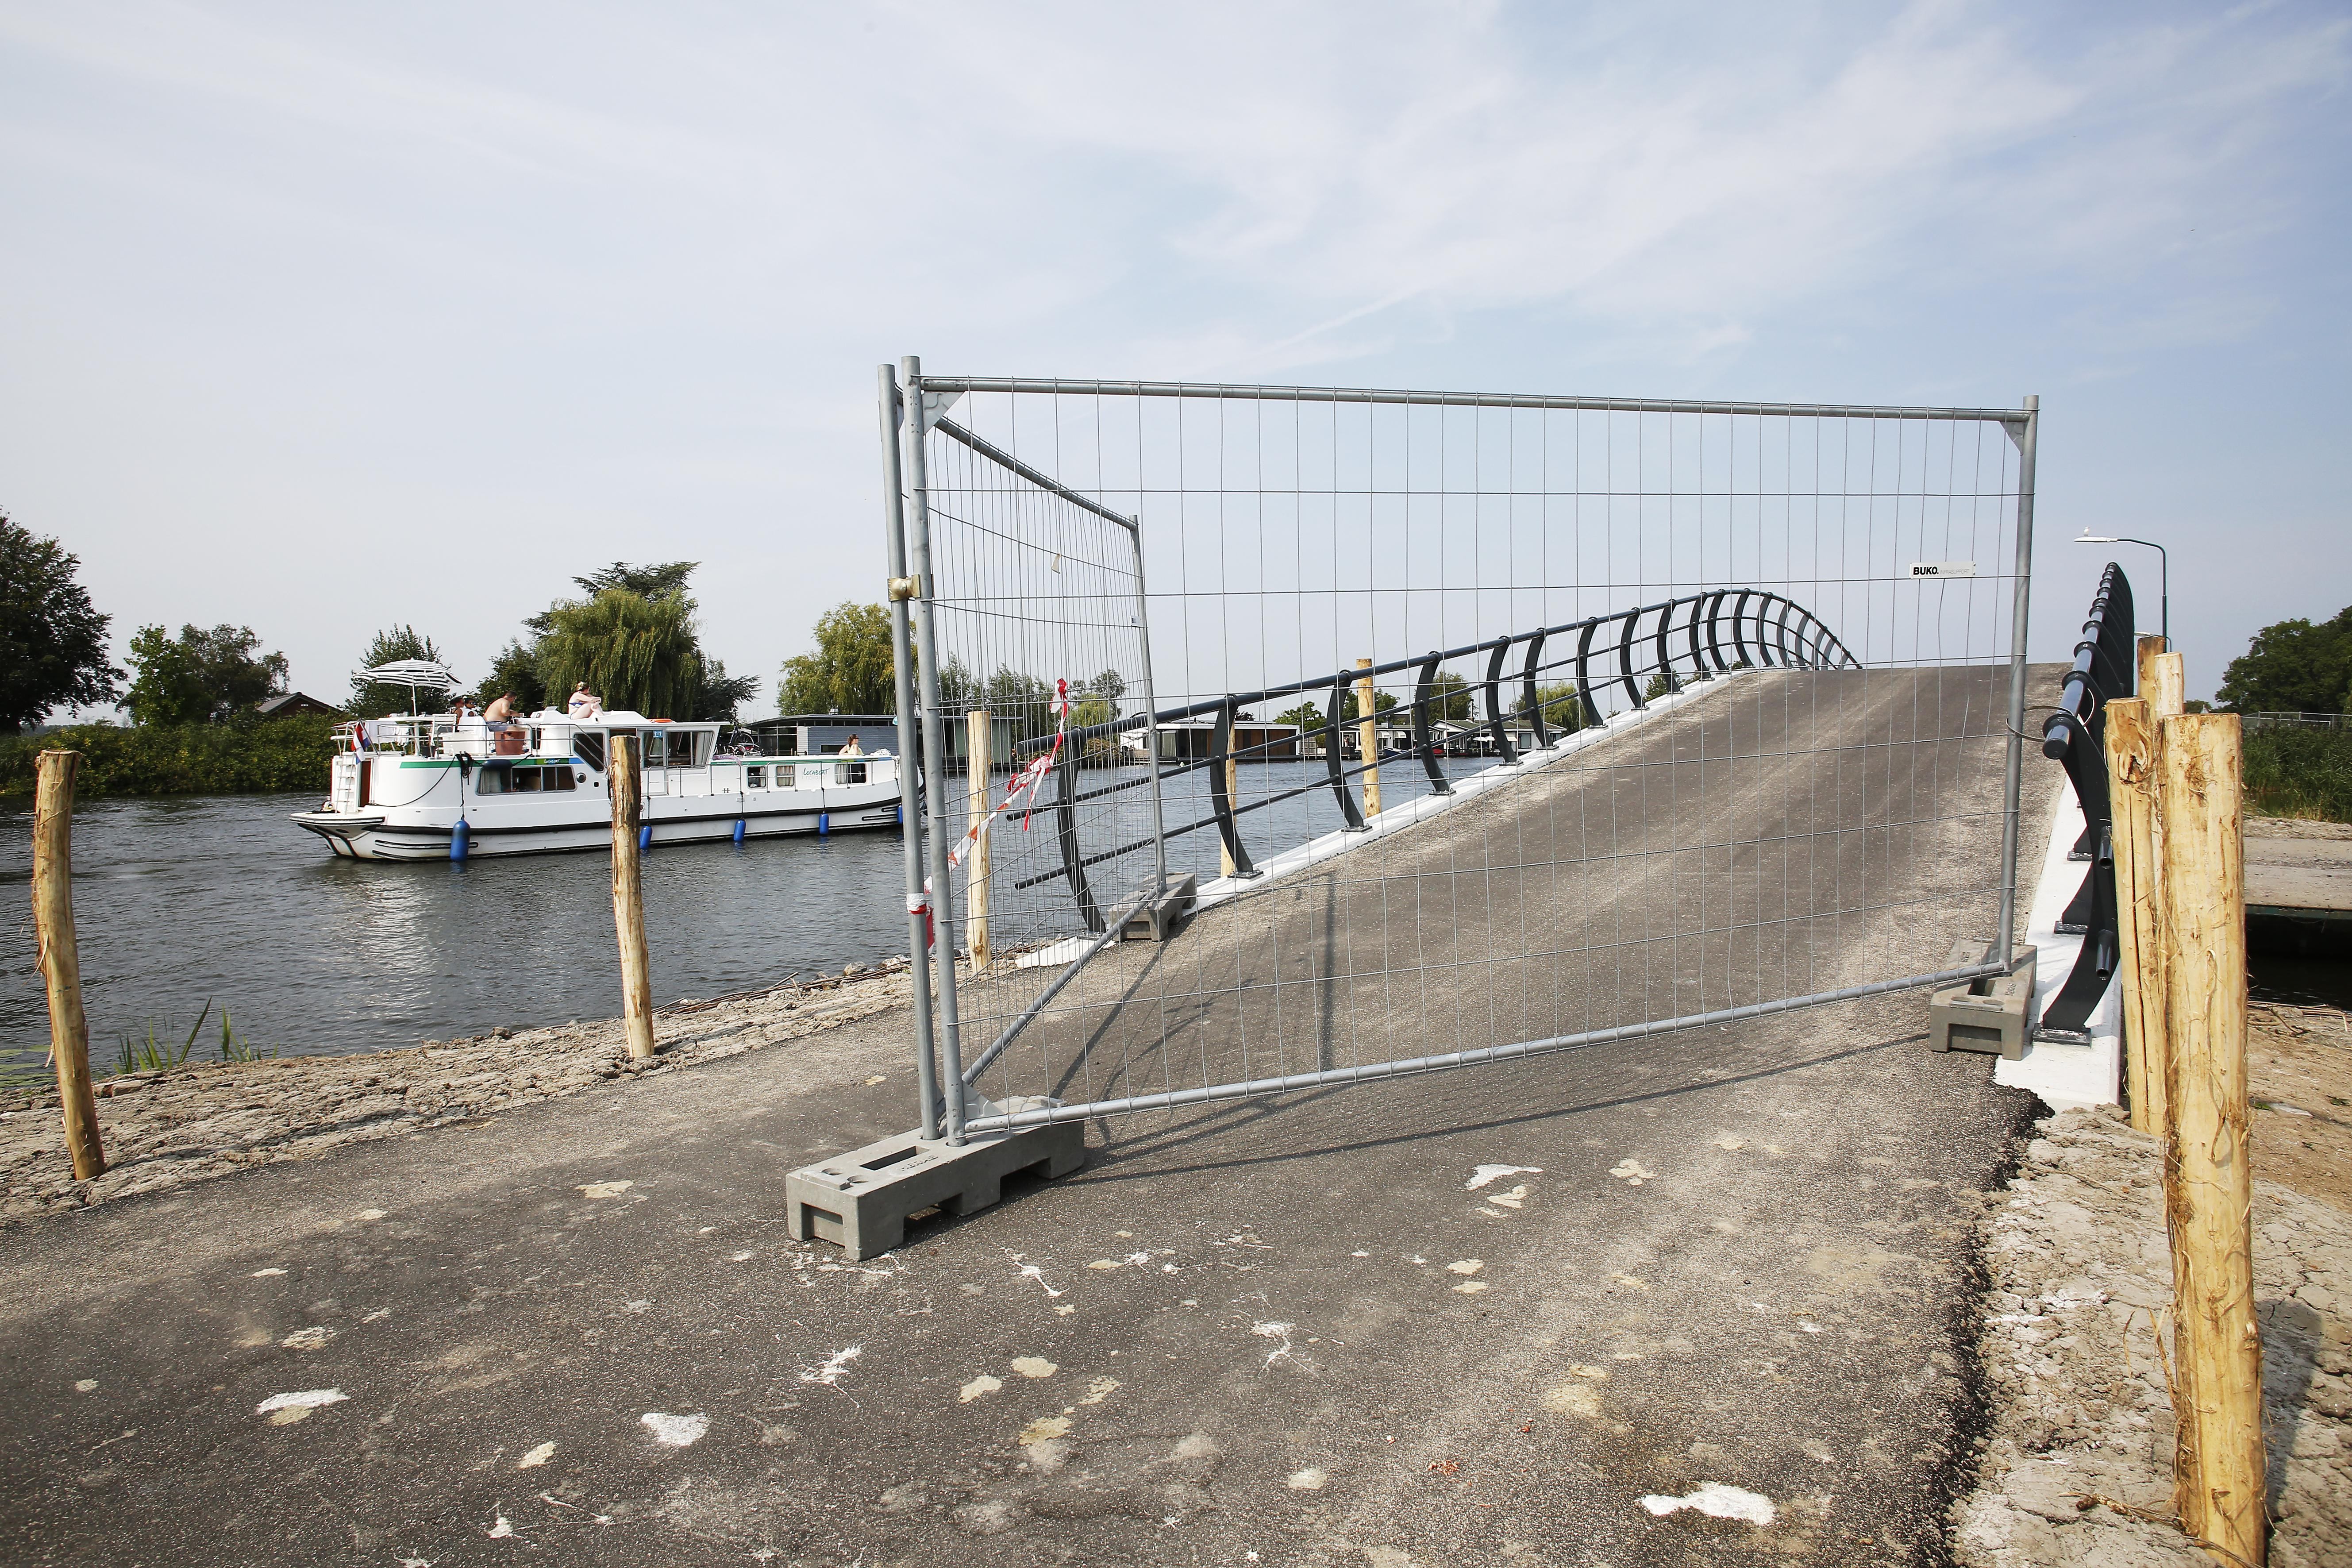 Ophef over steile brug bij nieuwe wijk in Vreeland: een colletje van de derde categorie voor fietsers en geen overzicht automobilisten. Gemeente sluit Bergseweg af met zware hekken